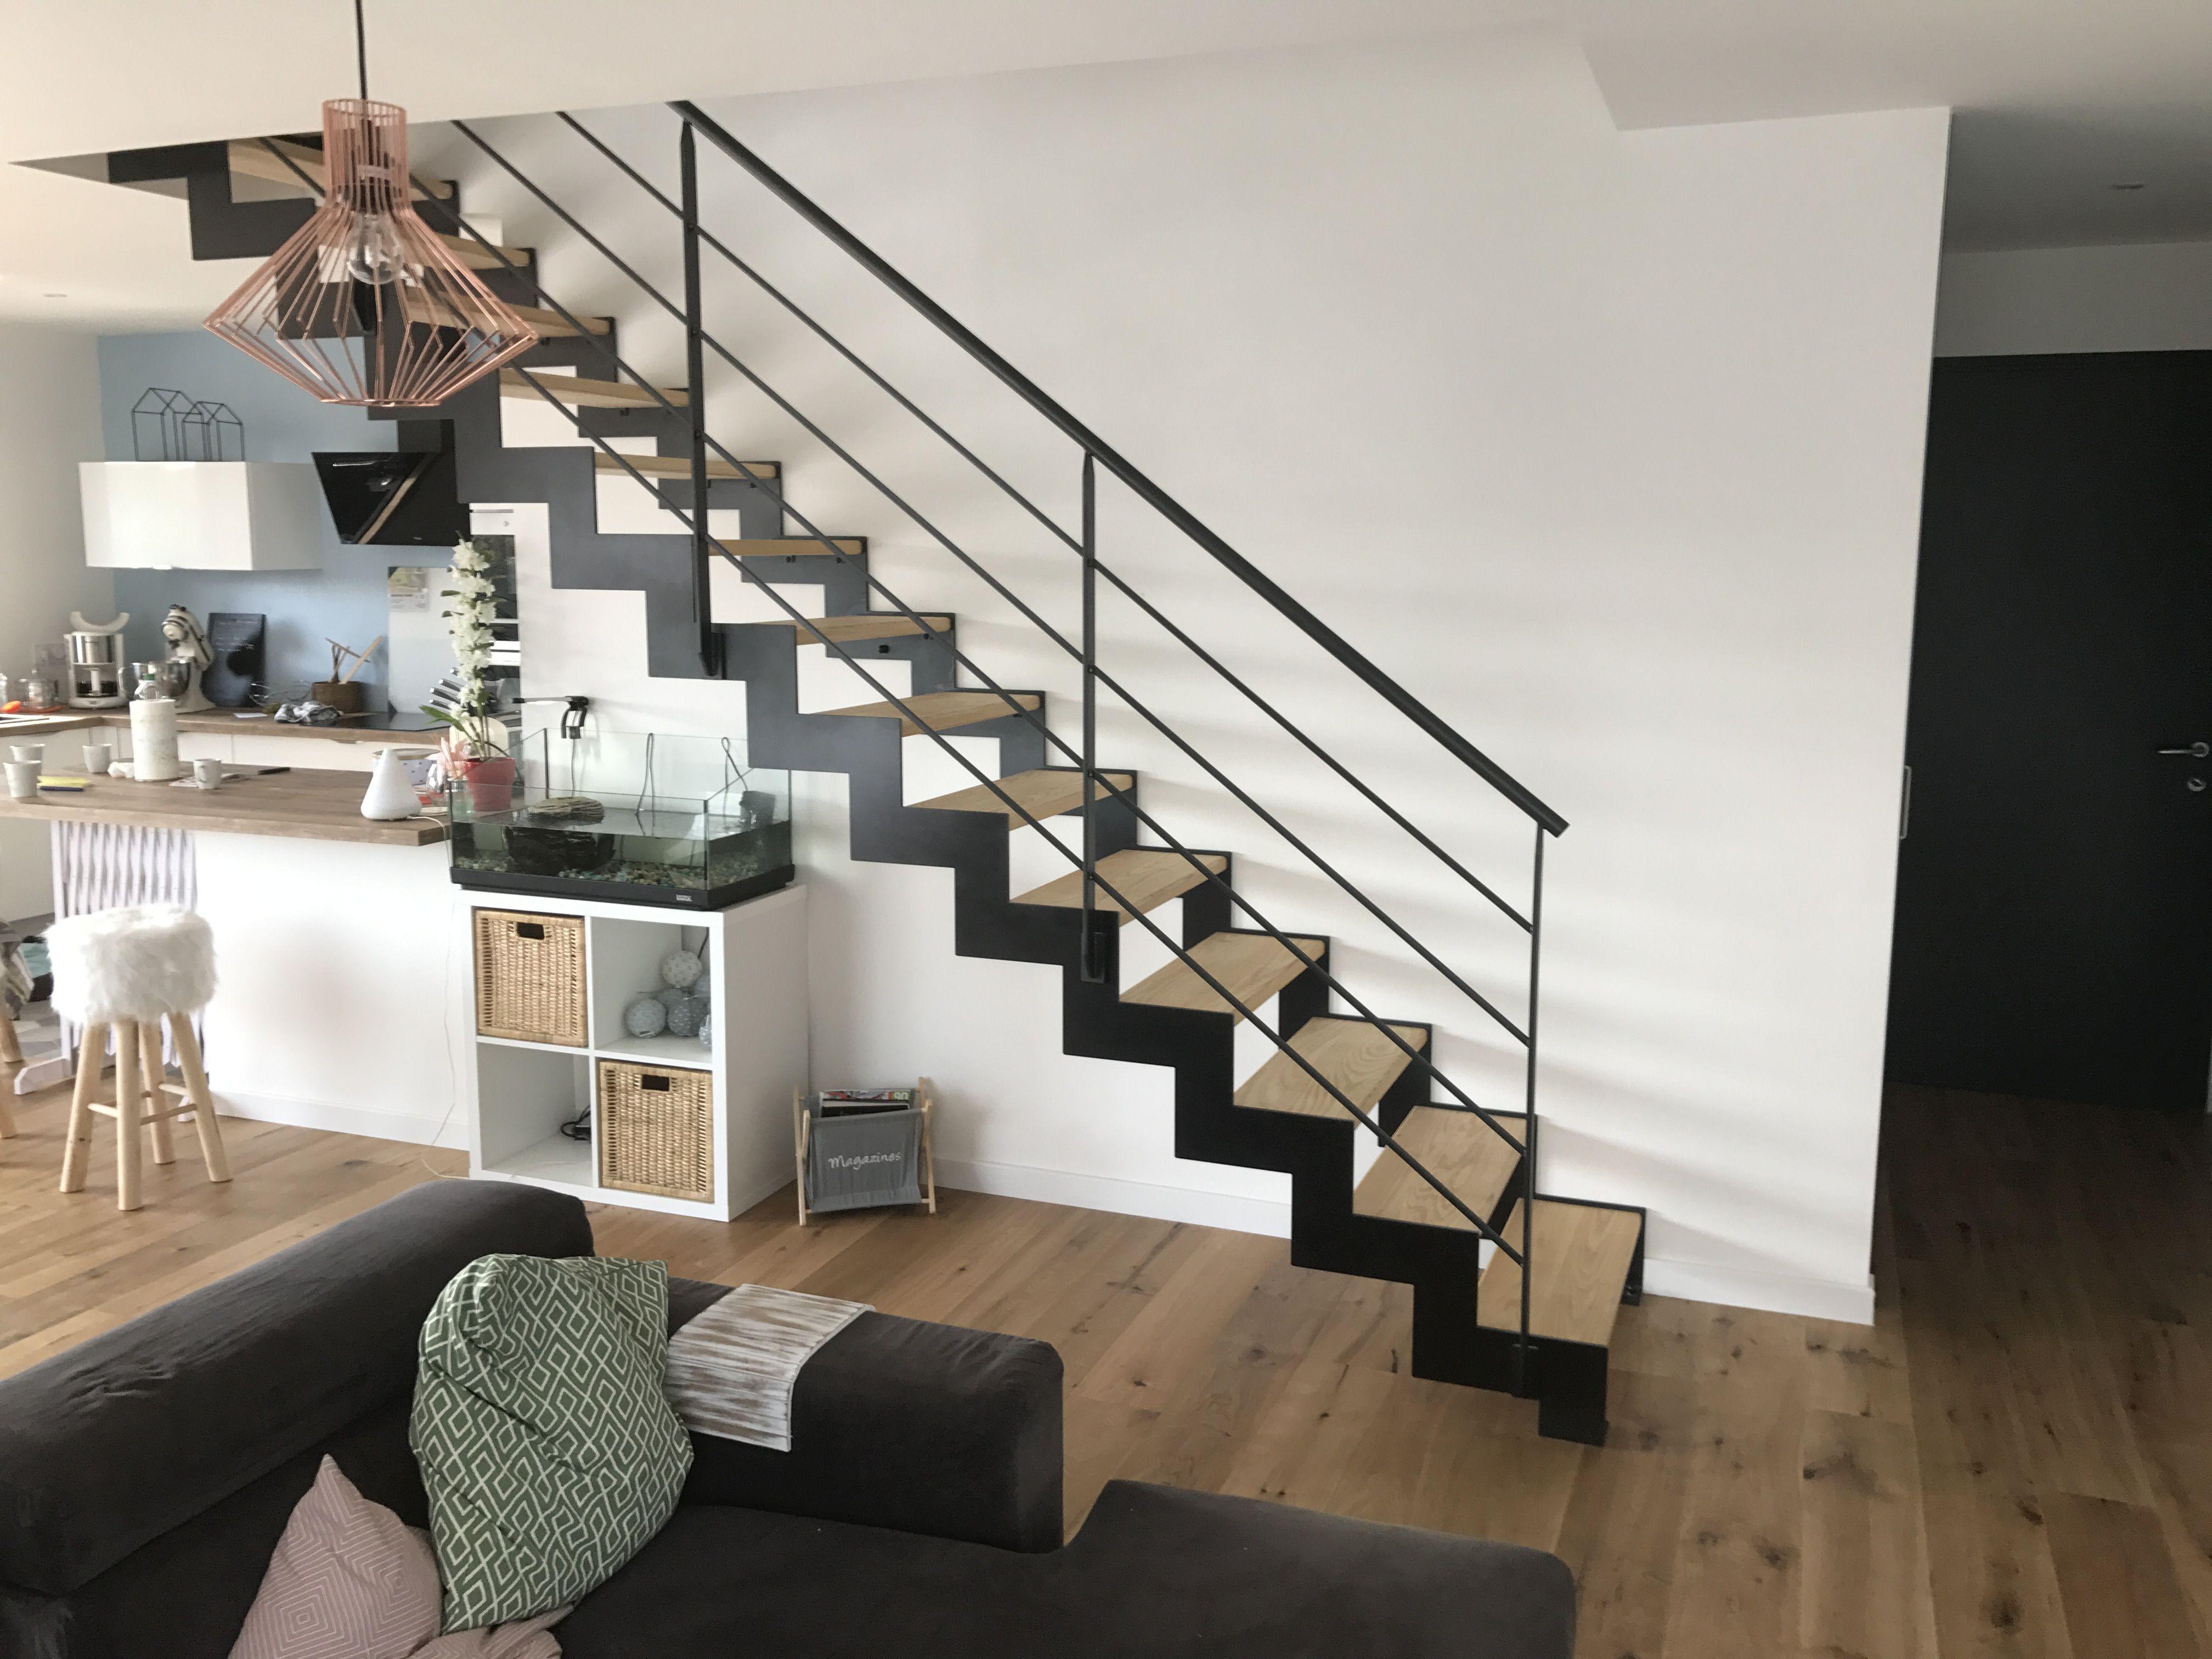 escalier droit marches bois escalier en 2019 escaliers. Black Bedroom Furniture Sets. Home Design Ideas